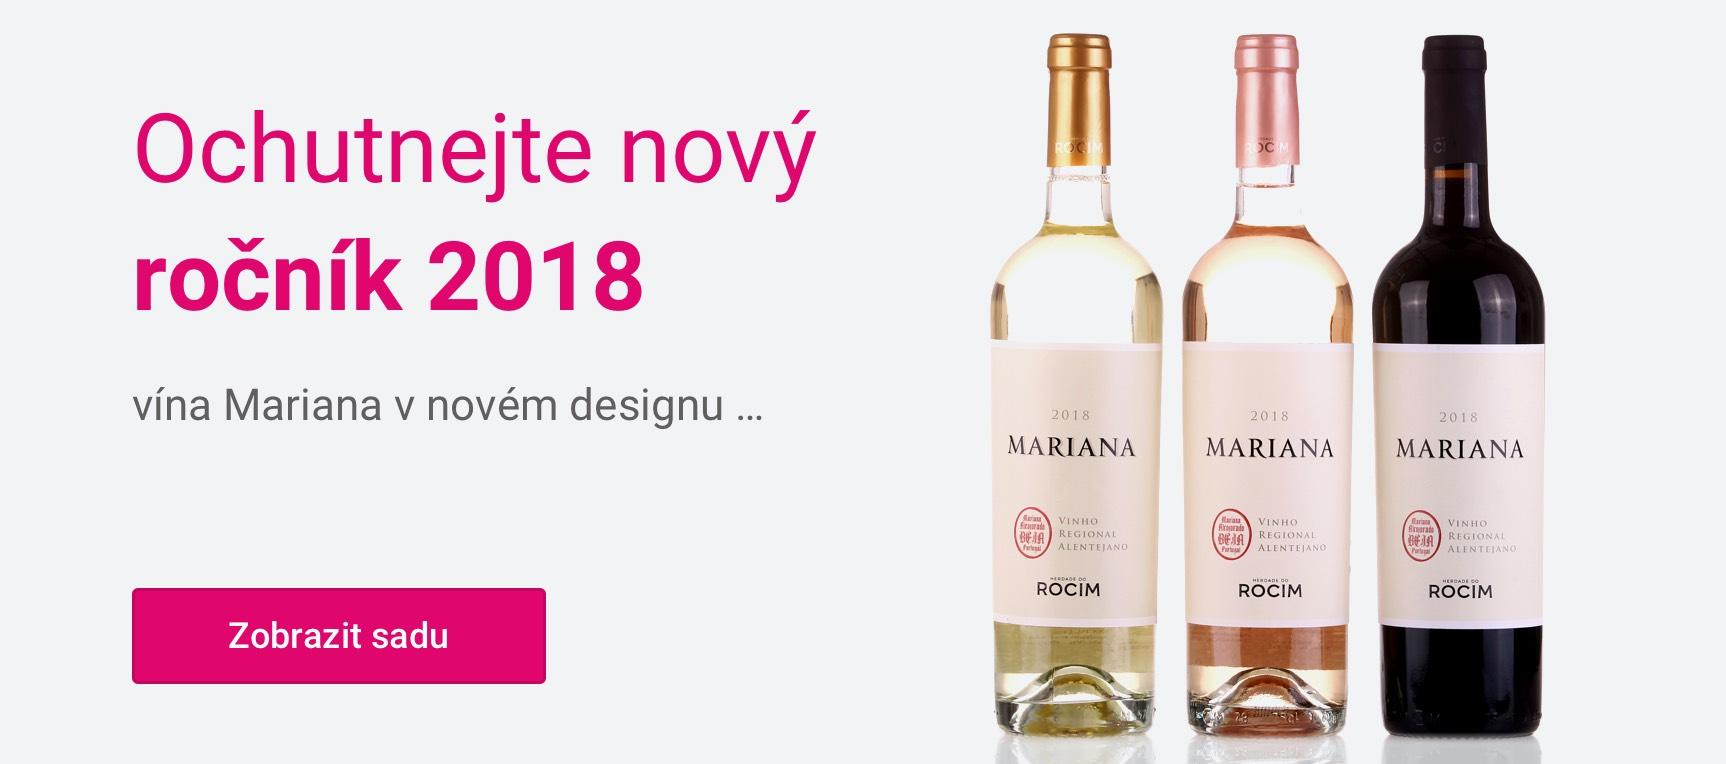 Mariana 2018